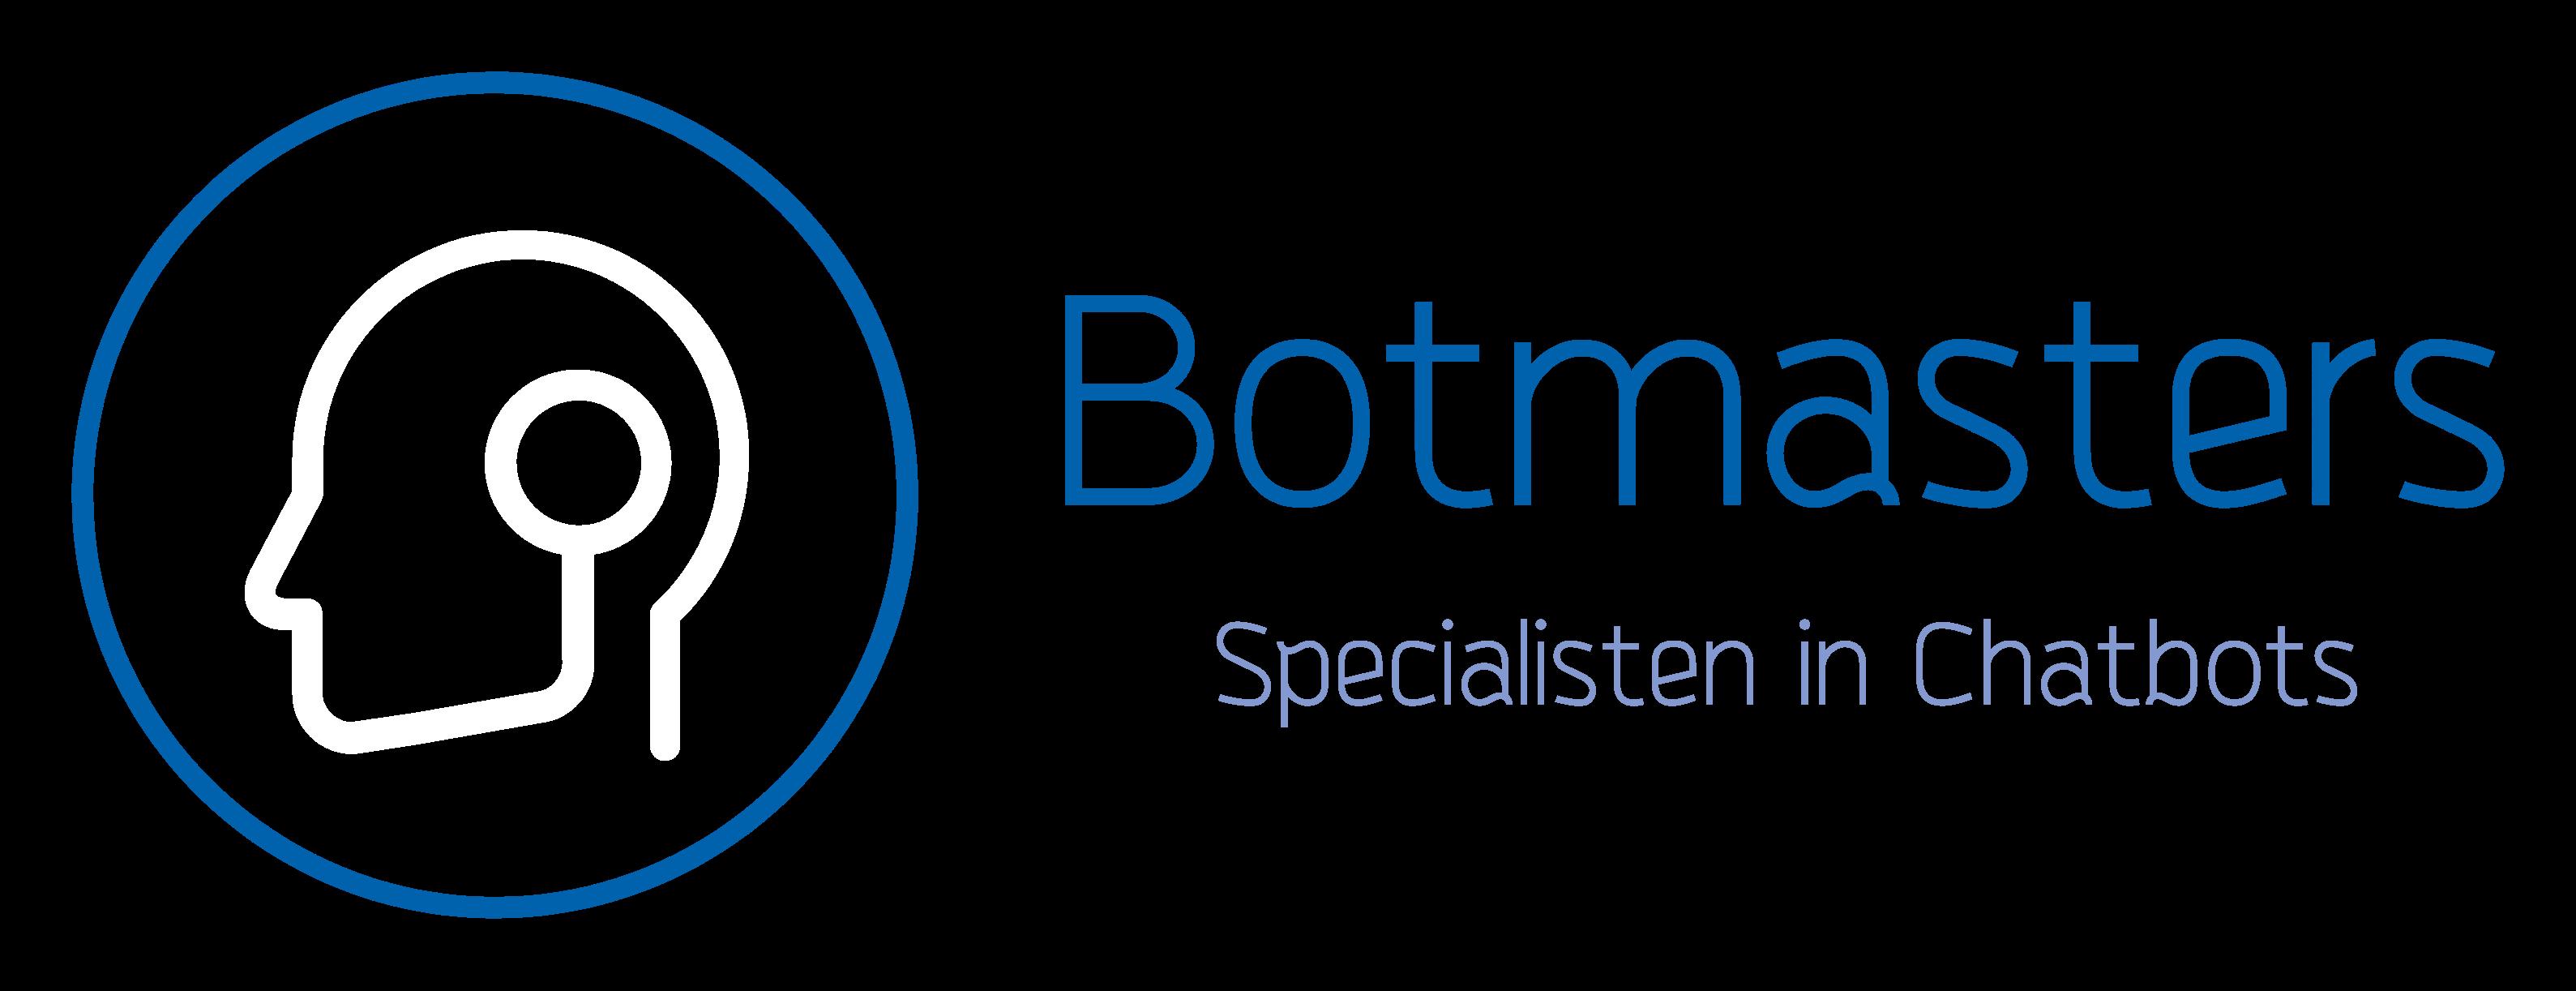 Botmasters